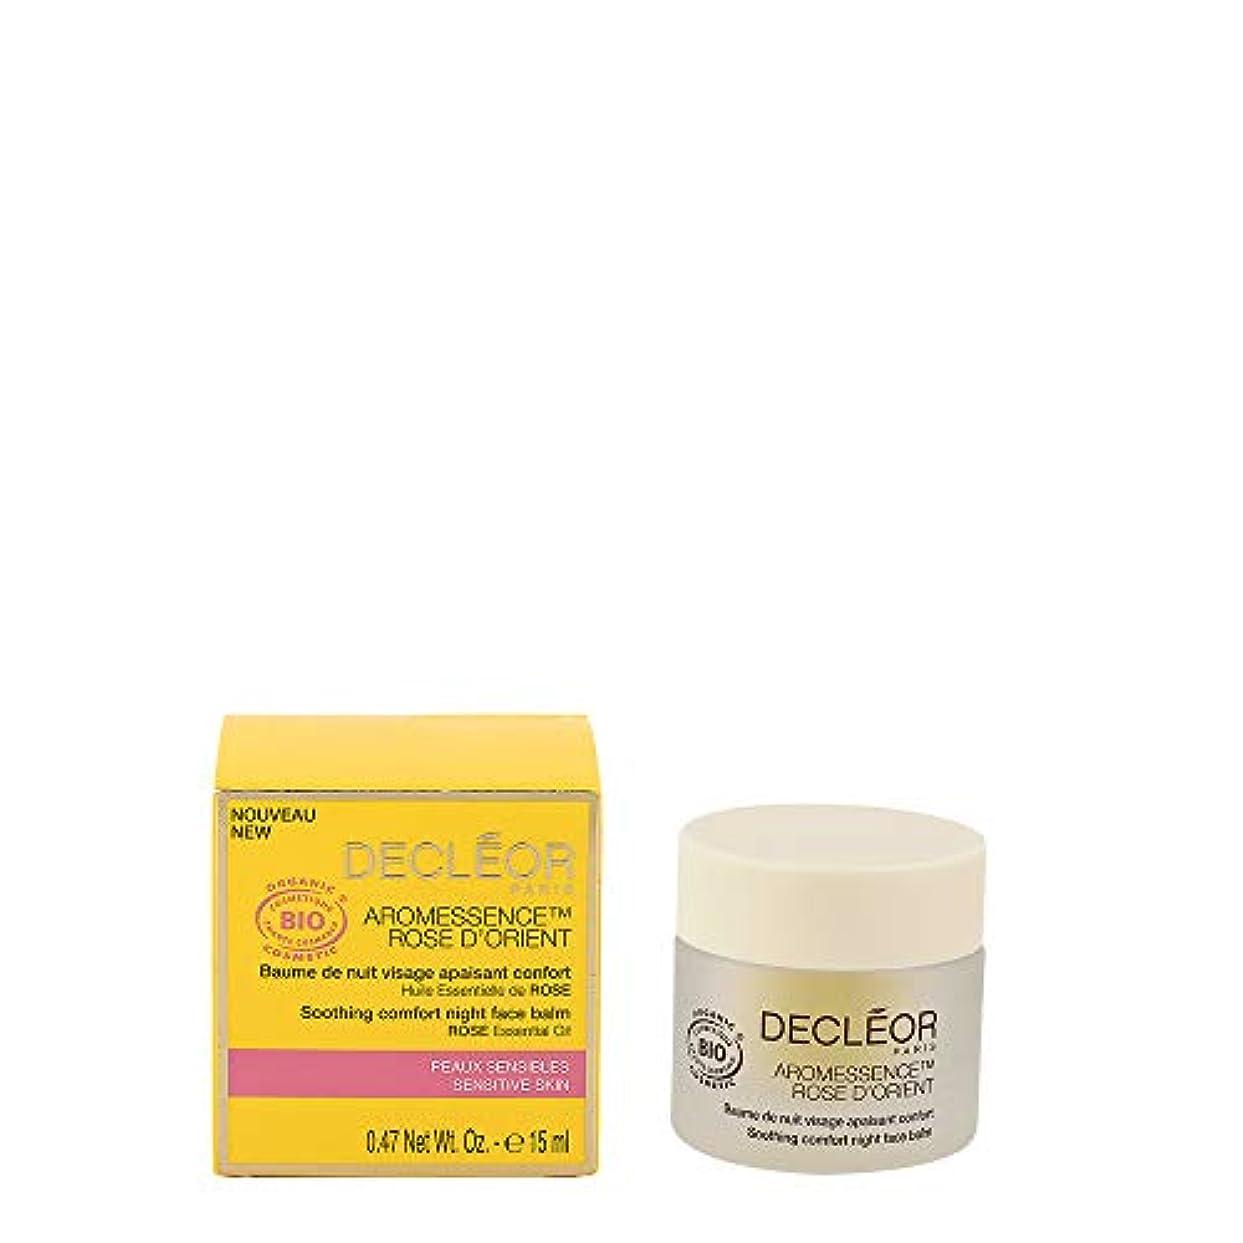 テキスト上流の容赦ないデクレオール Aromessence Rose D'Orient Soothing Comfort Night Face Balm - For Sensitive Skin 15ml/0.47oz並行輸入品